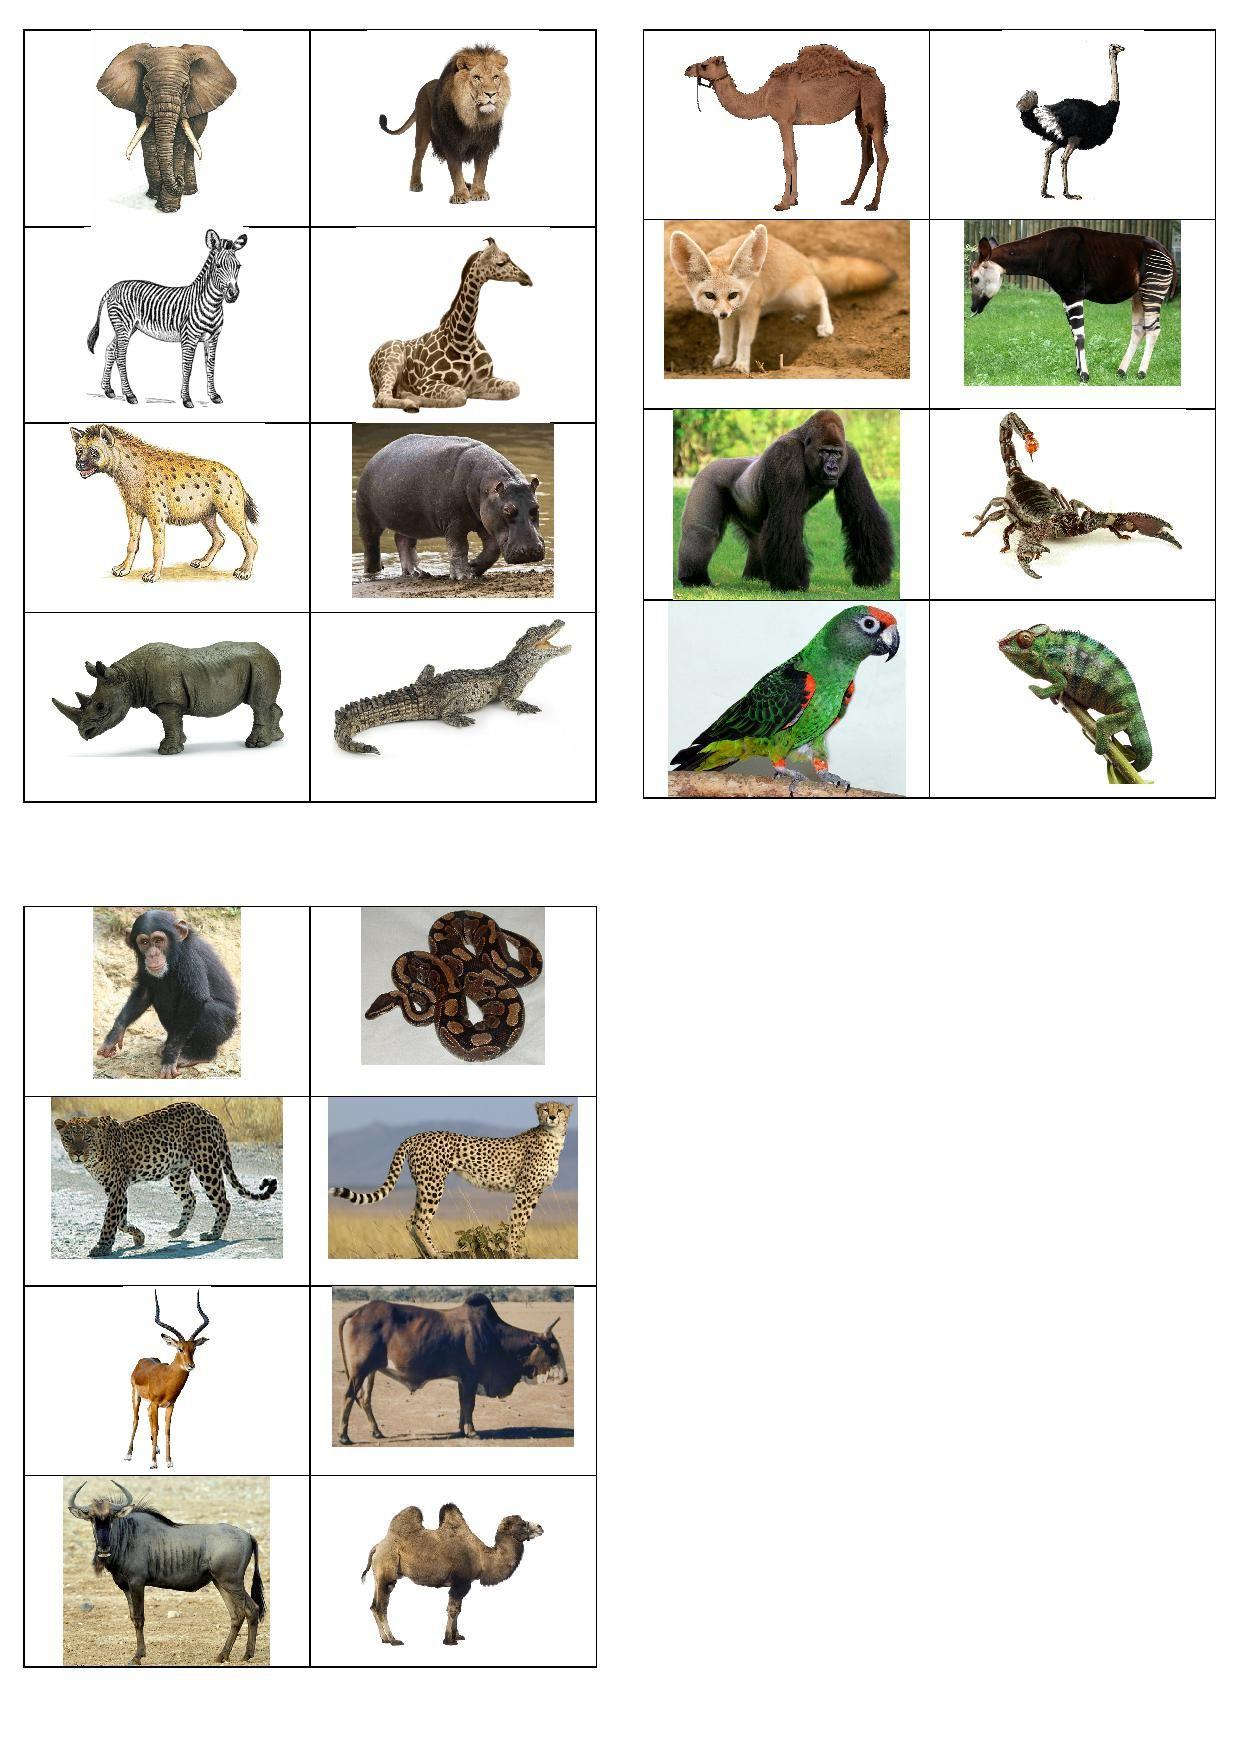 Imagiers | Imagier Animaux, Animaux Afrique Et Animaux Du Zoo concernant Les Animaux De L Afrique